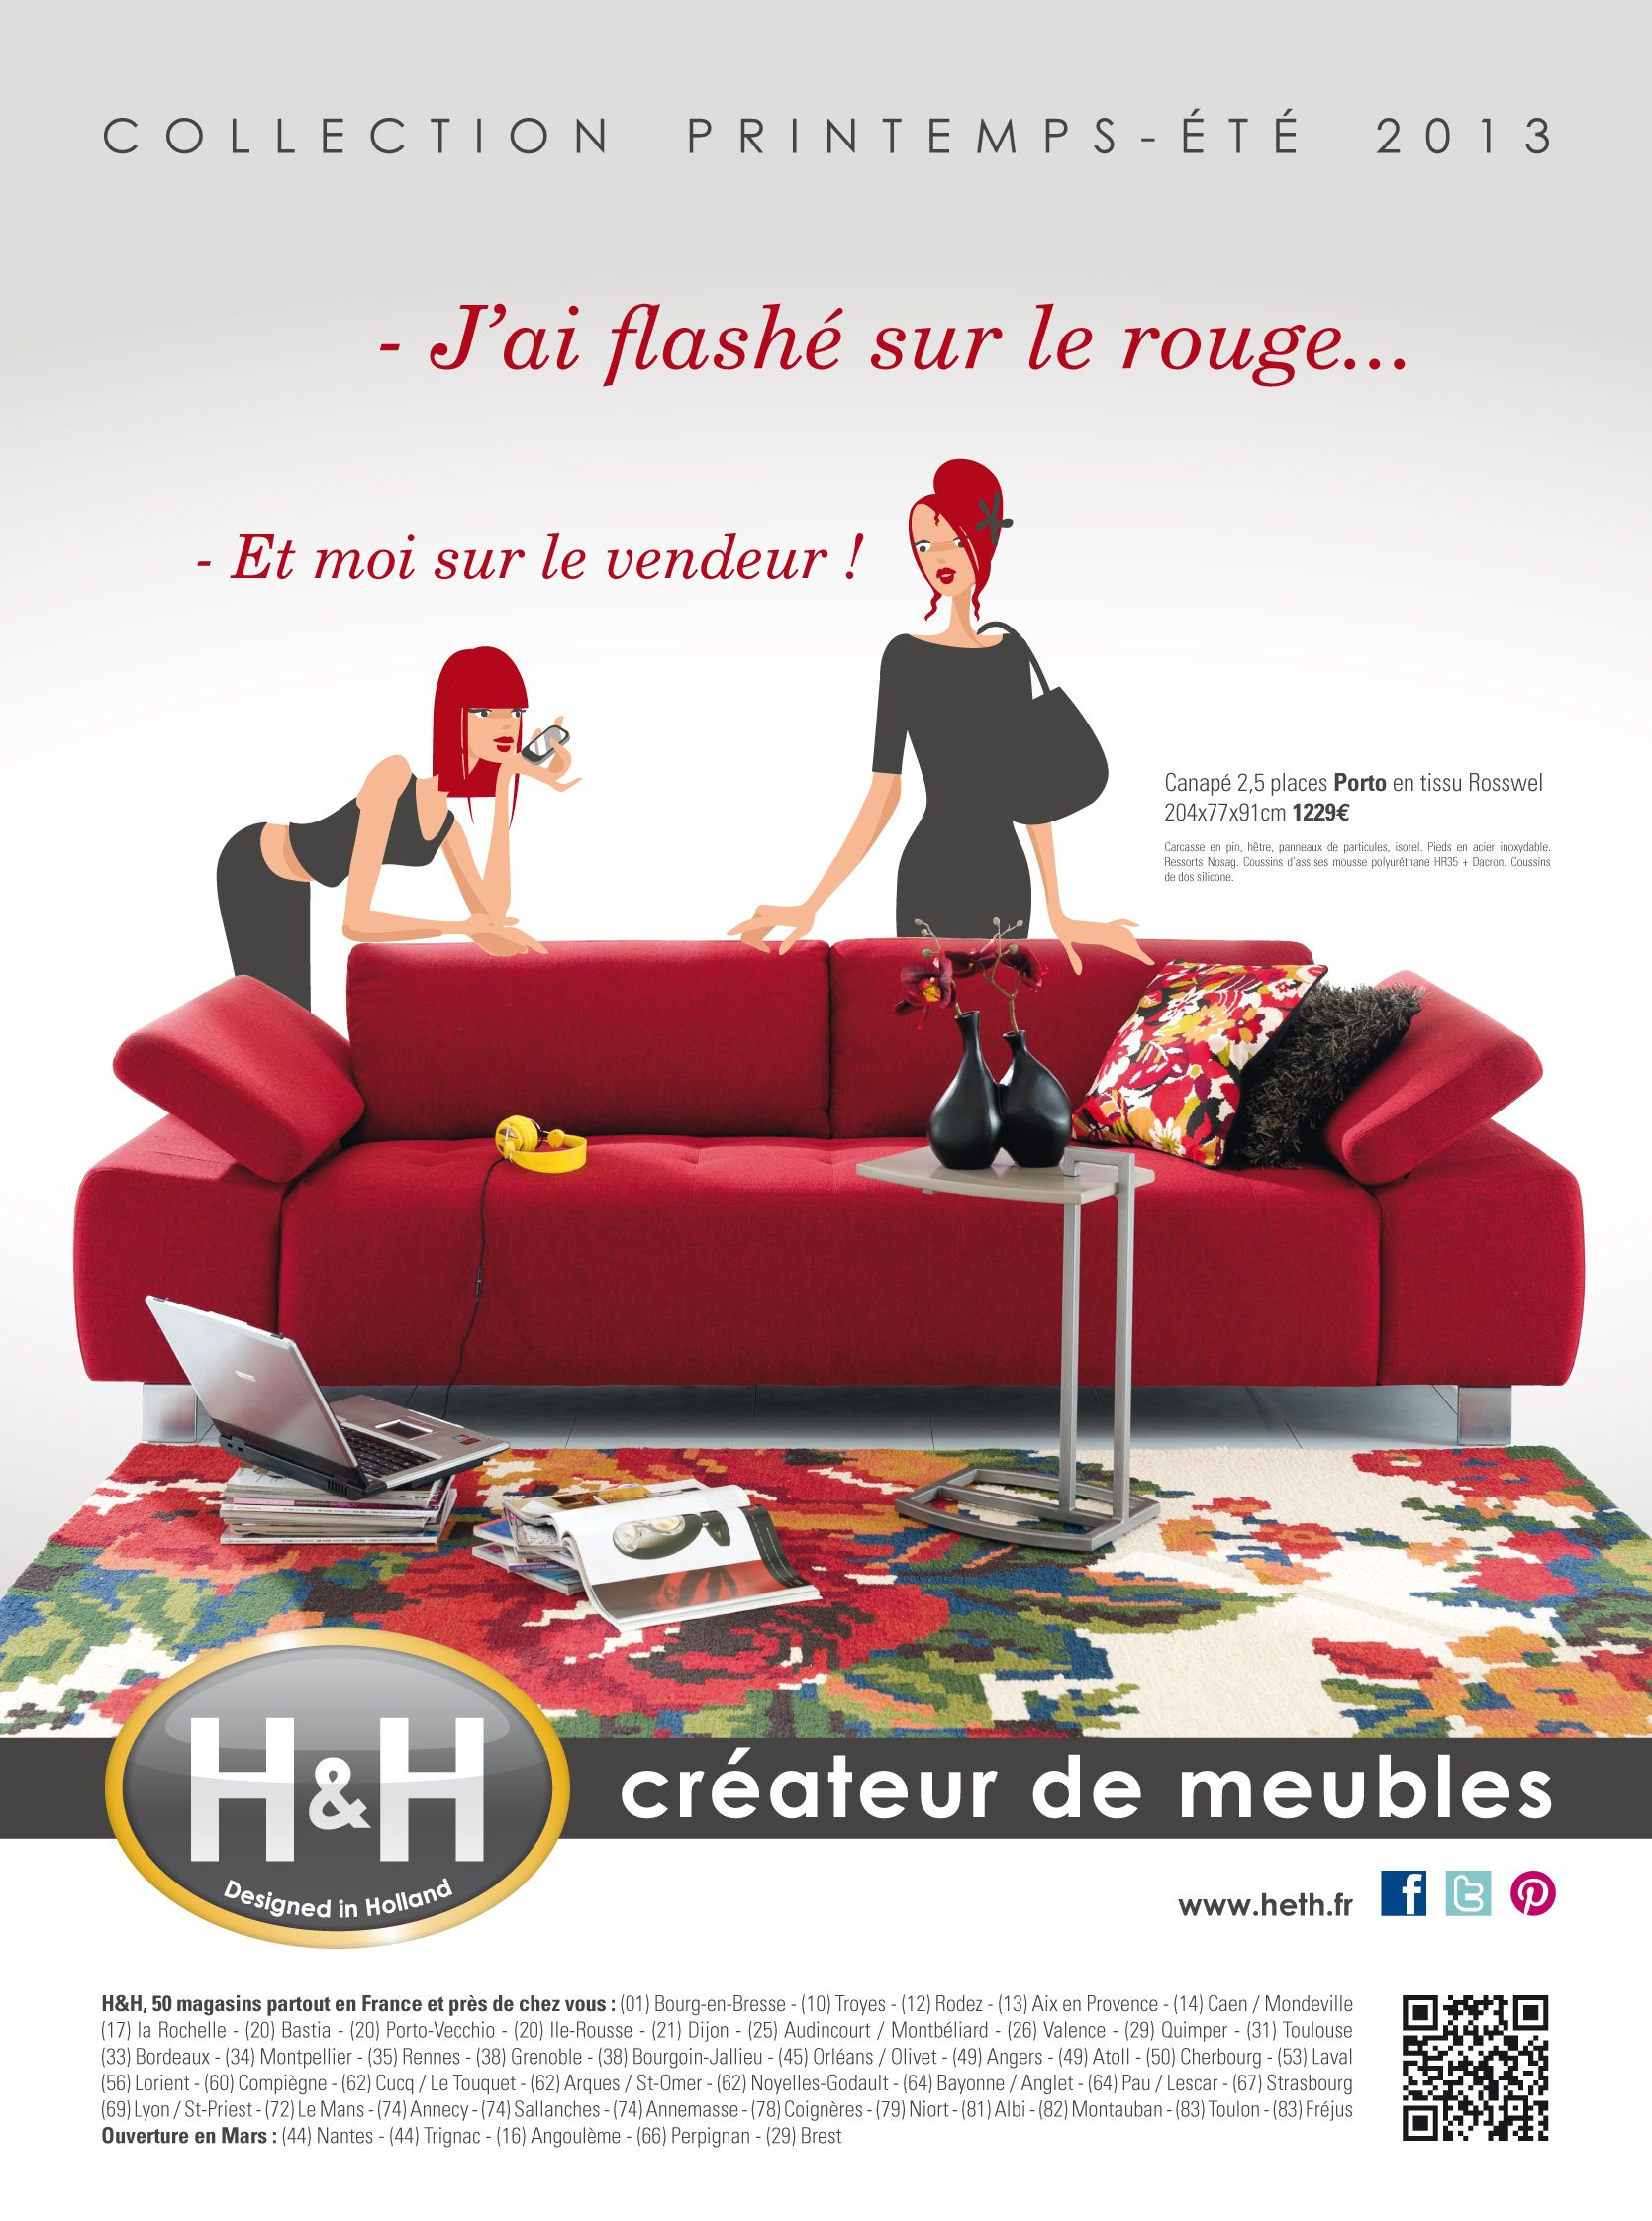 Heth Createur De Meubles Annonce Presse Met Afbeeldingen